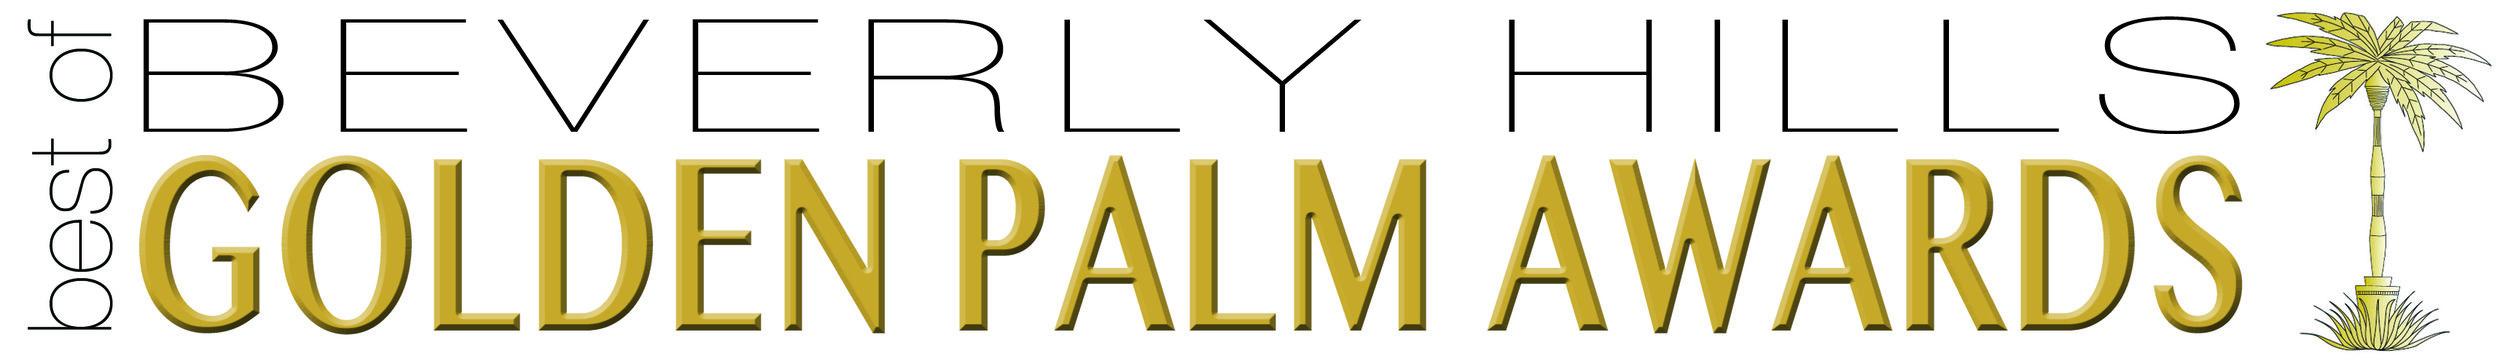 Golden Palm Awards Logo.jpg